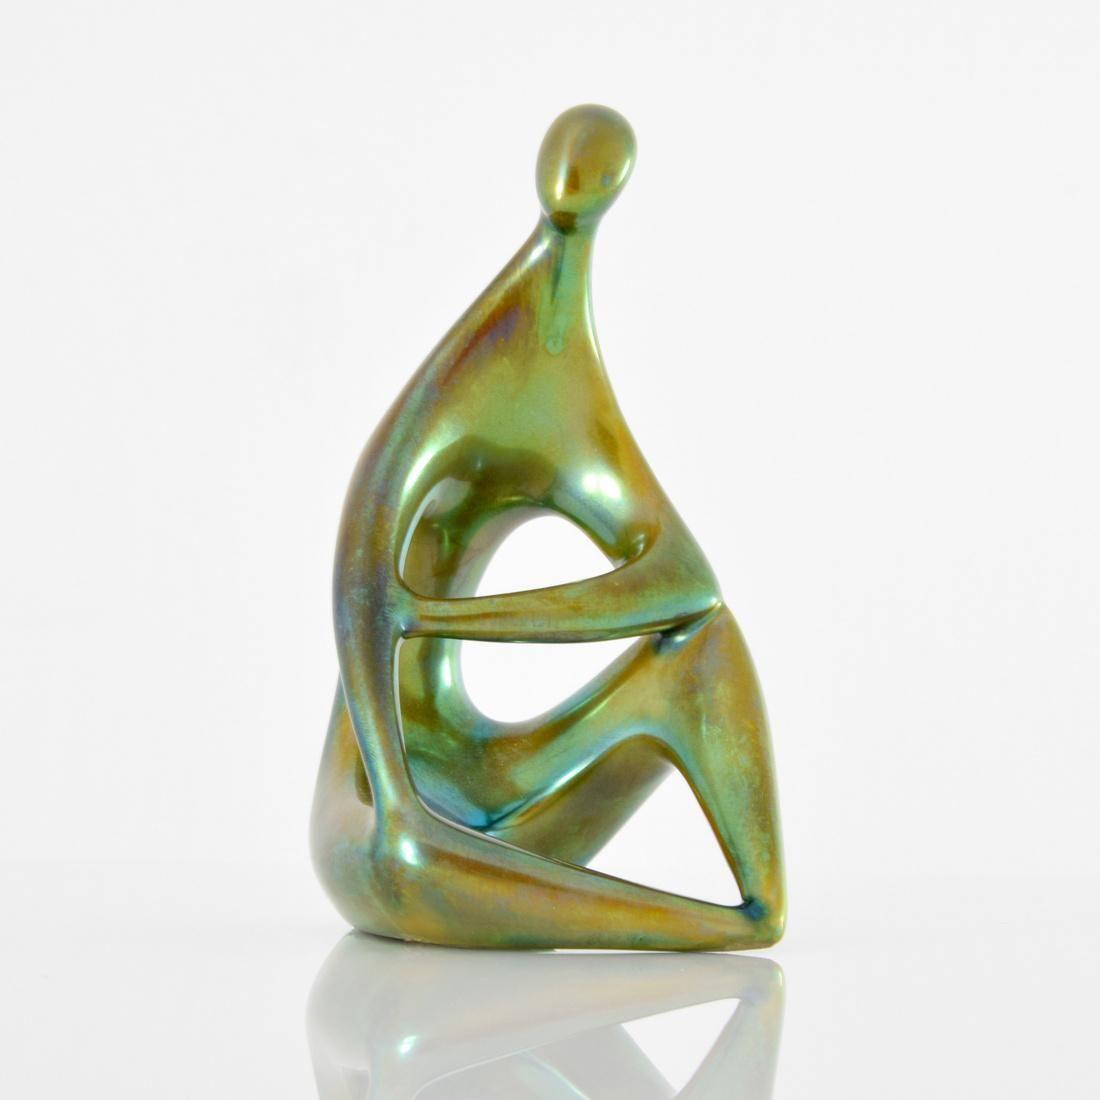 Janos Torok Figurative Sculpture